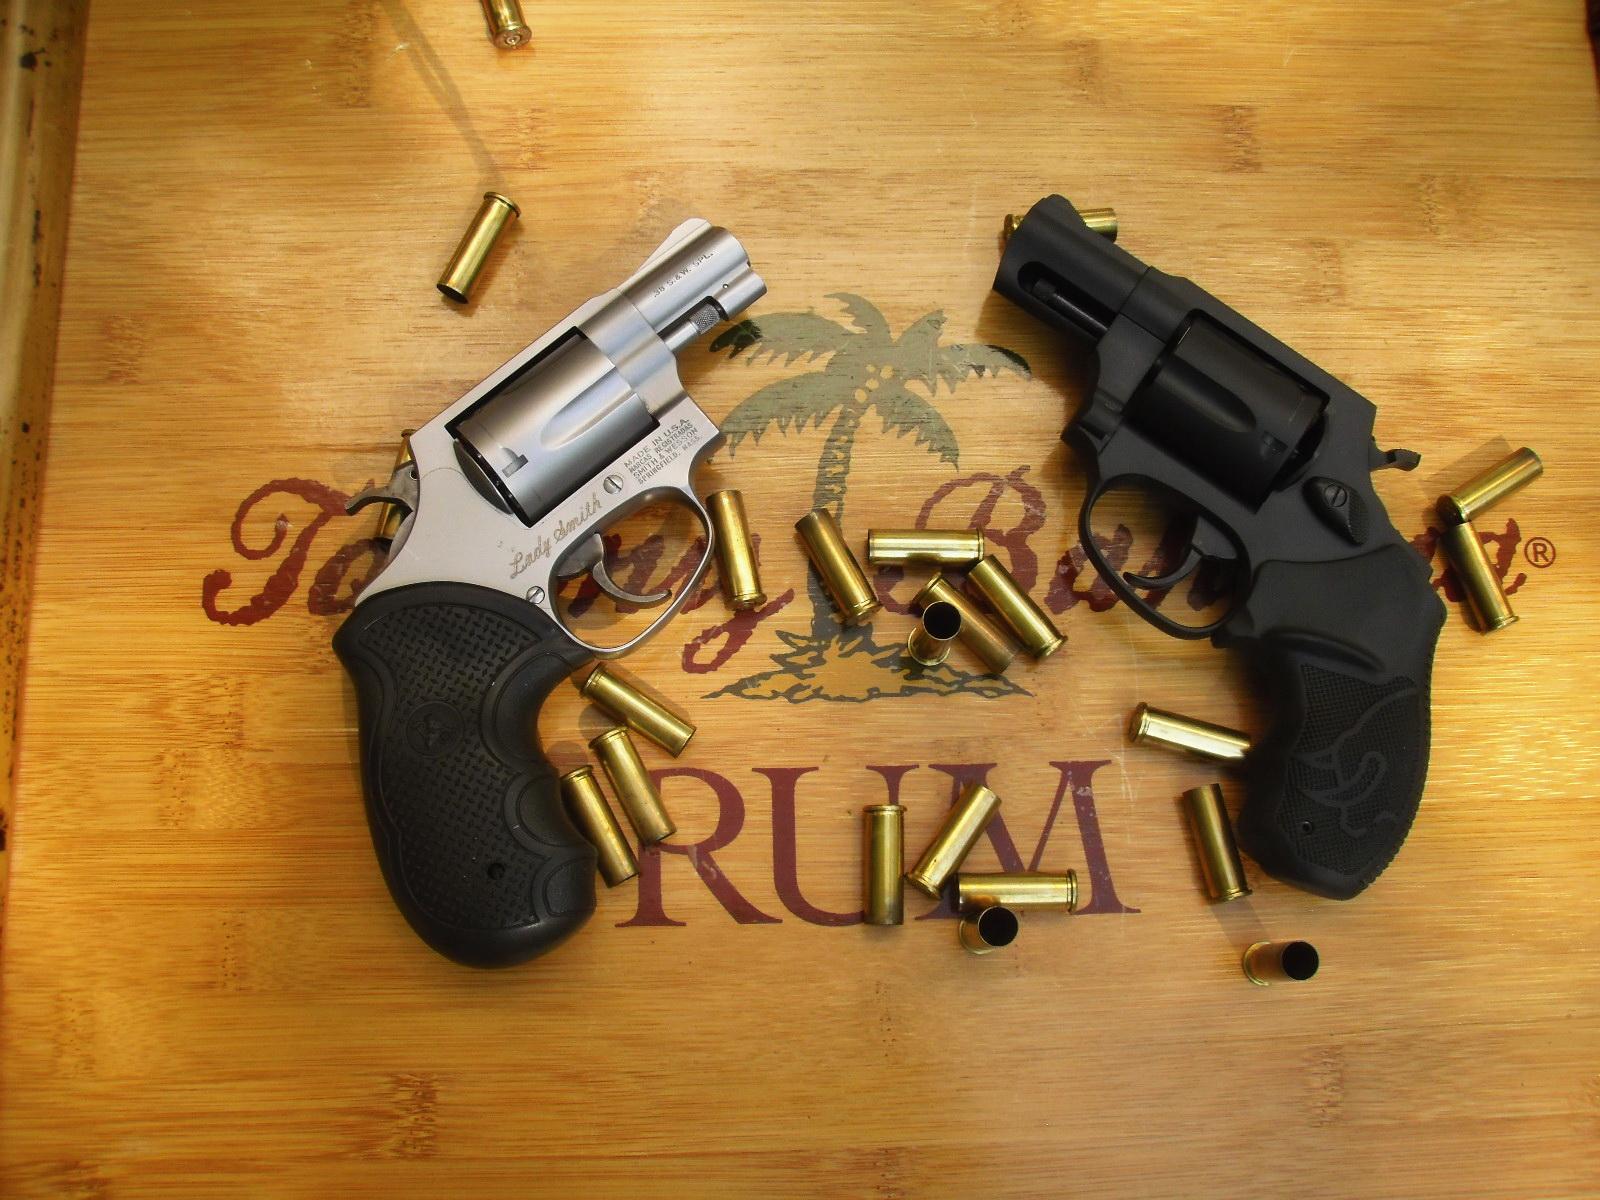 taurus 85fs versus s w model 60 7 snubbie shootout